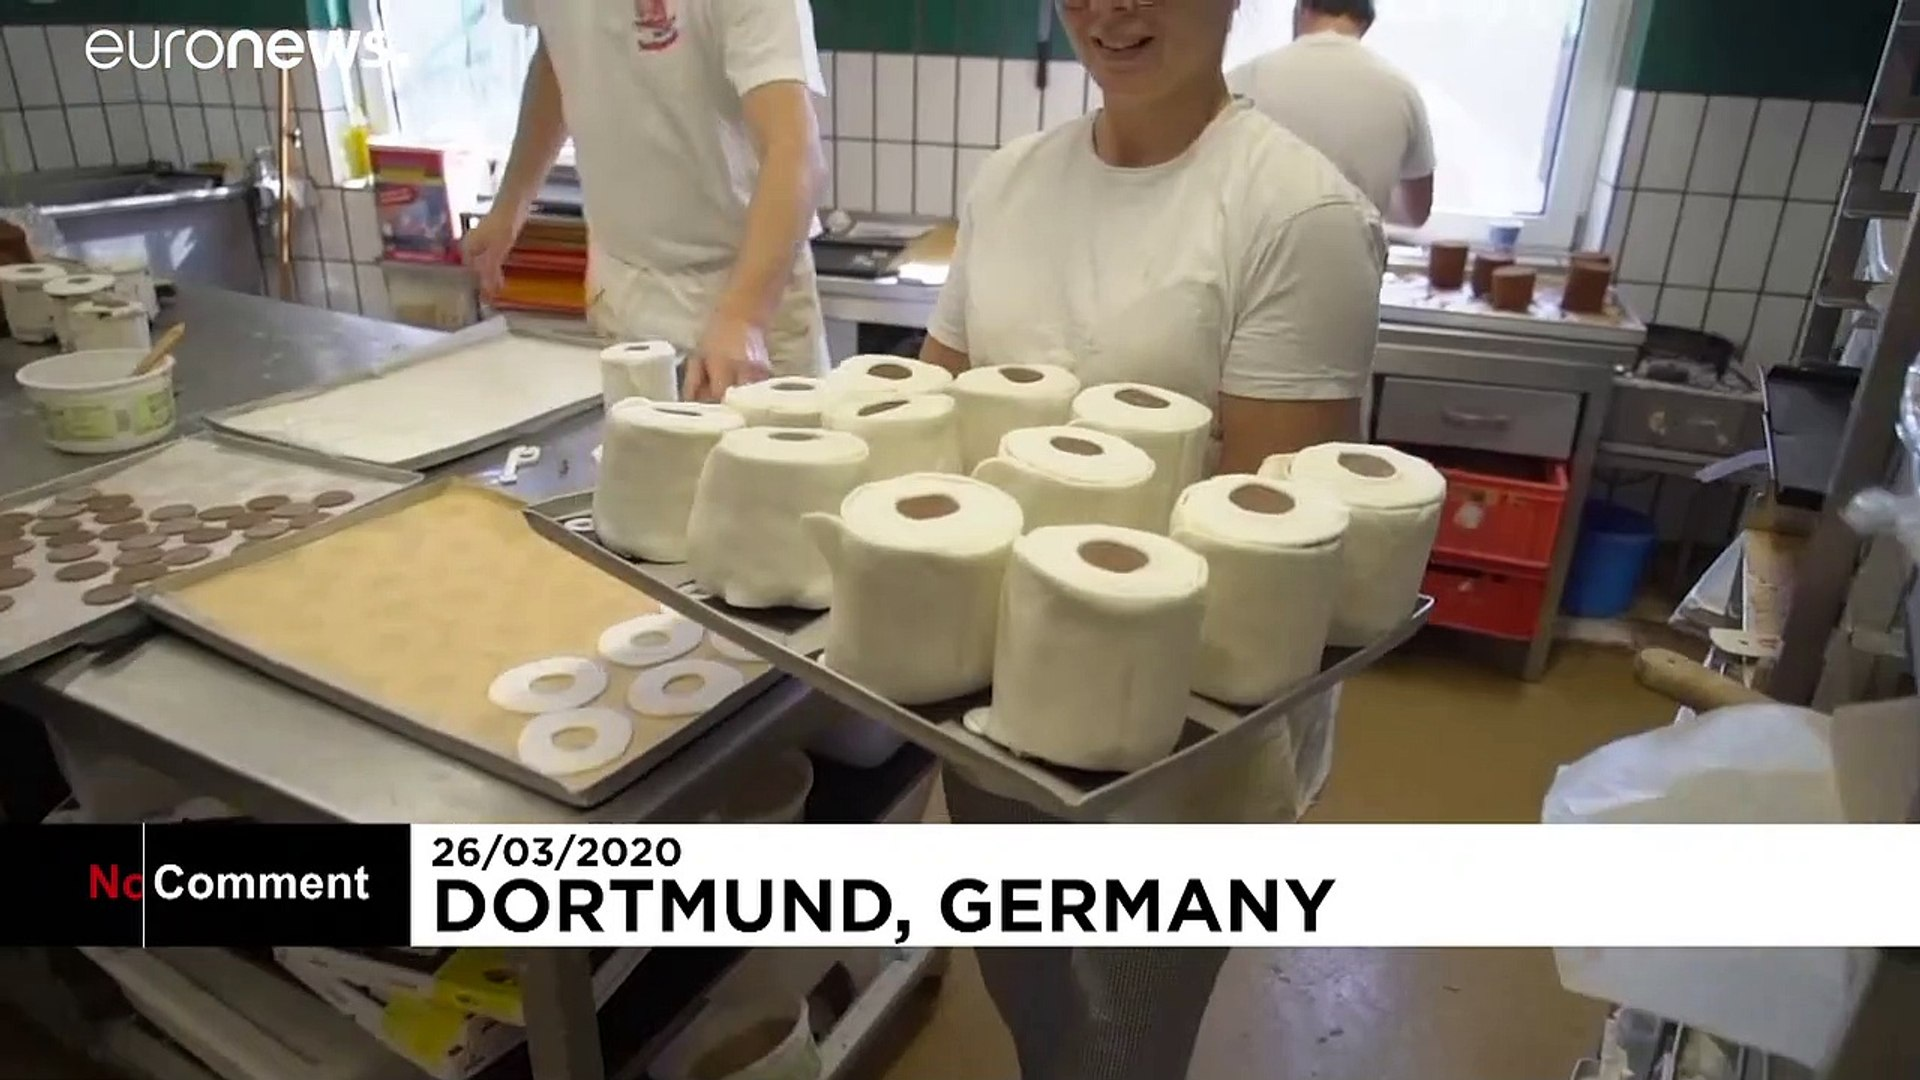 شاهد: من وحي كورونا.. خباز ألماني يعد كعكا على شكل ورق المراحيض النادر في الأسواق